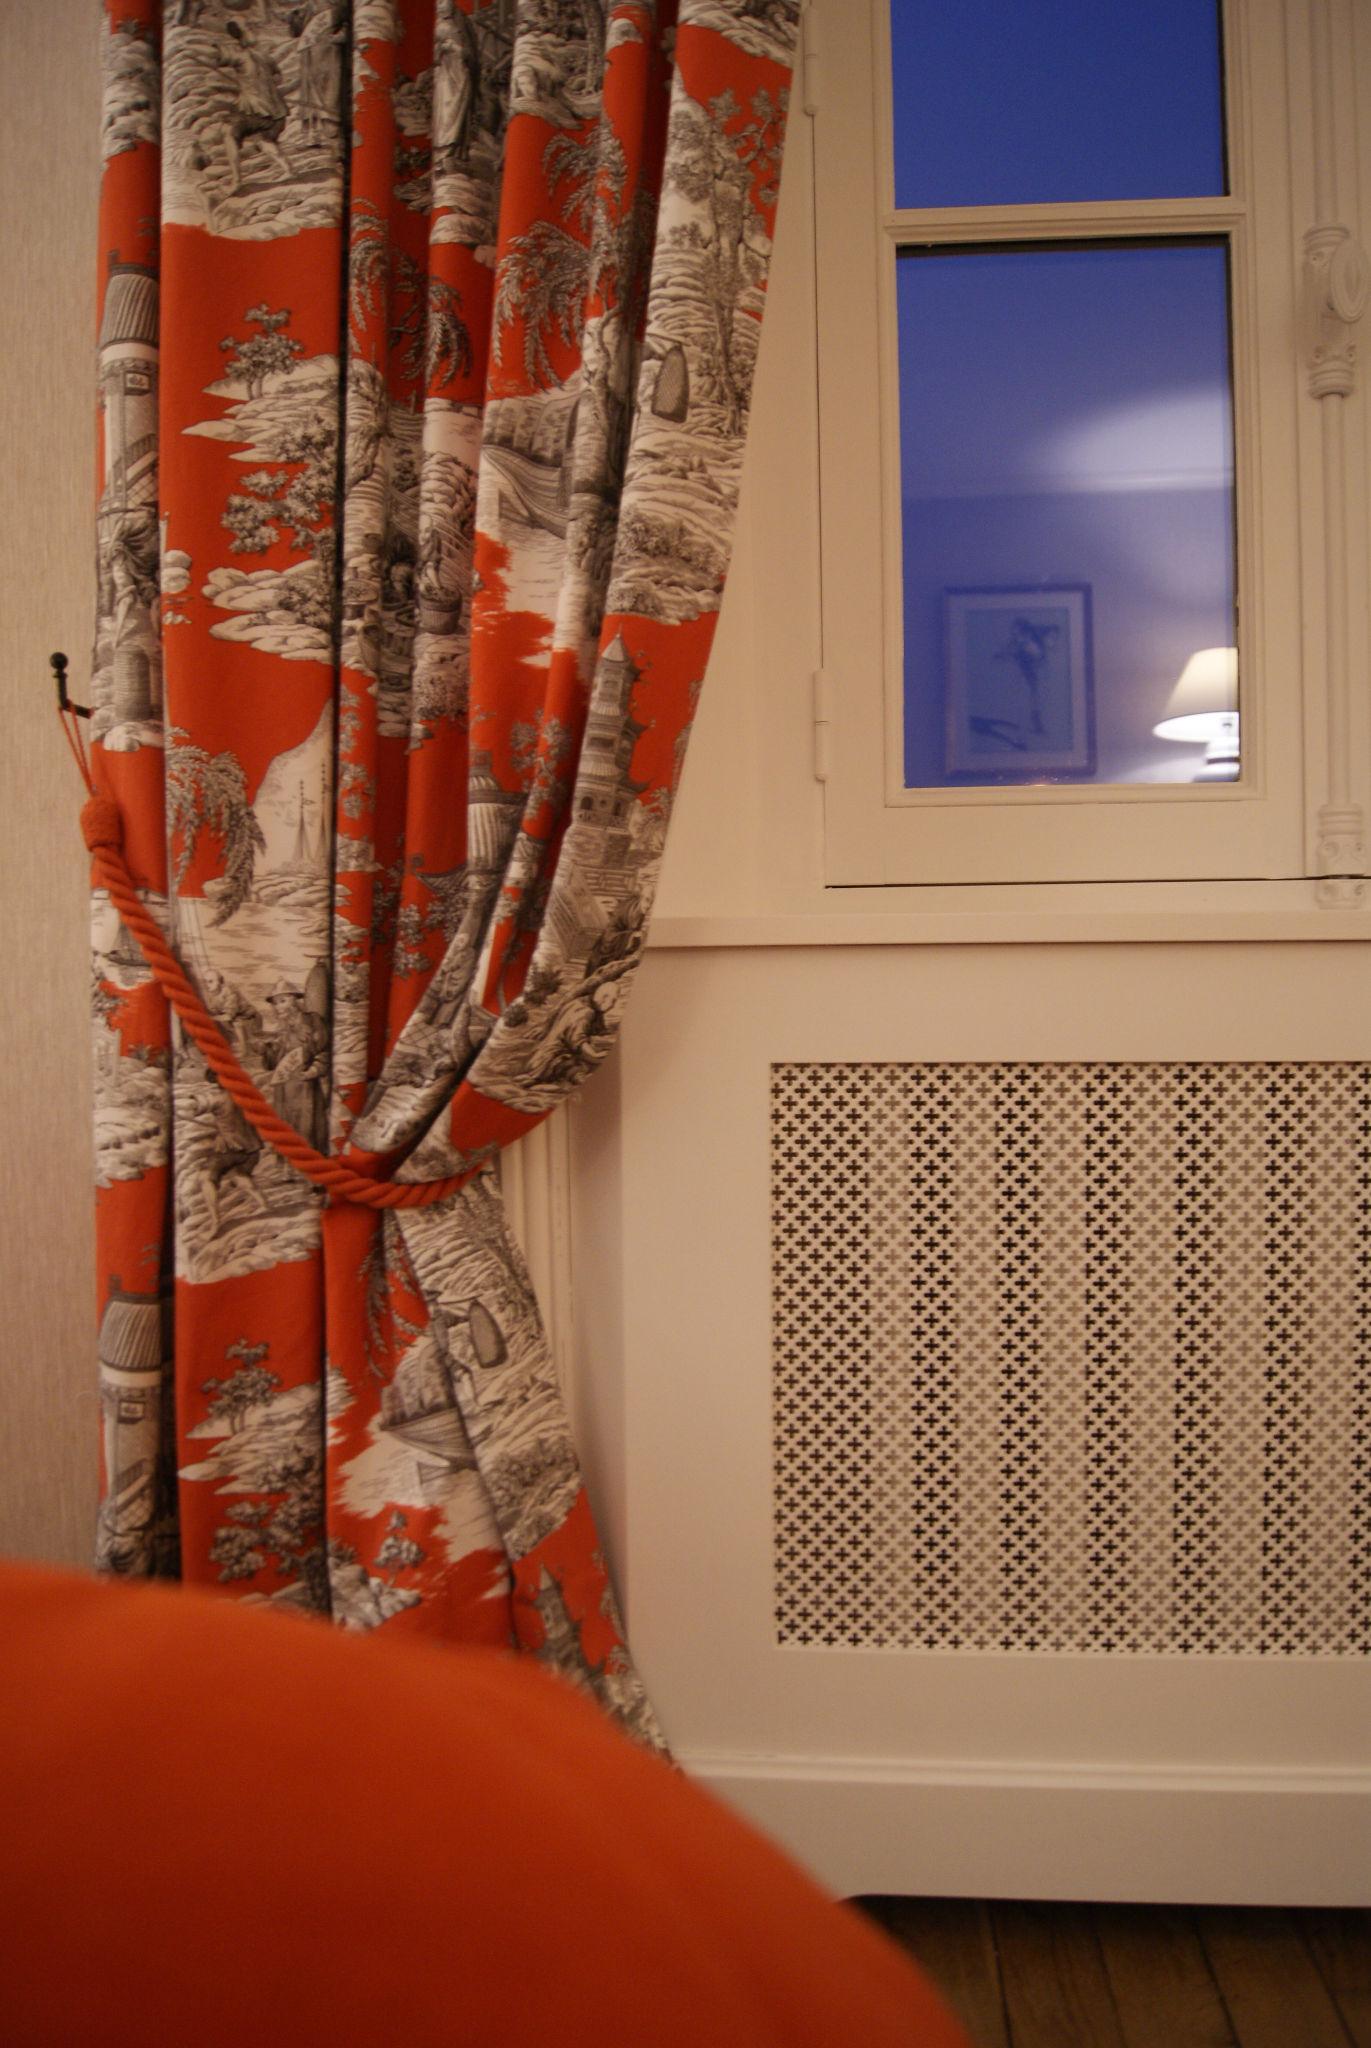 Chambre grise - Toile de Jouy et cache radiateur